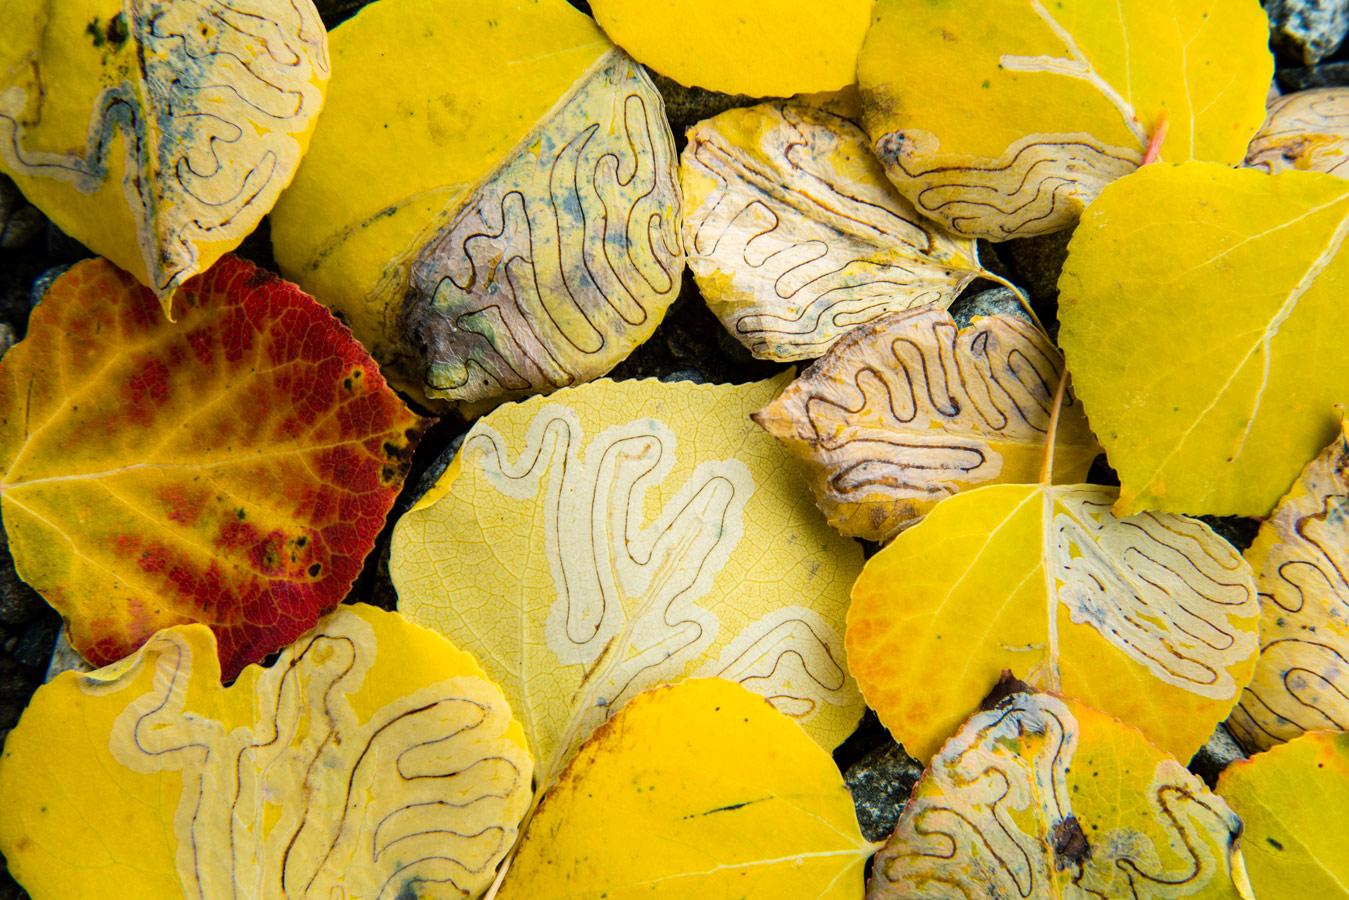 © Роберто Буэно, Тропы жизни, Фотоконкурс Королевского общества биологии — Royal Society of Biology